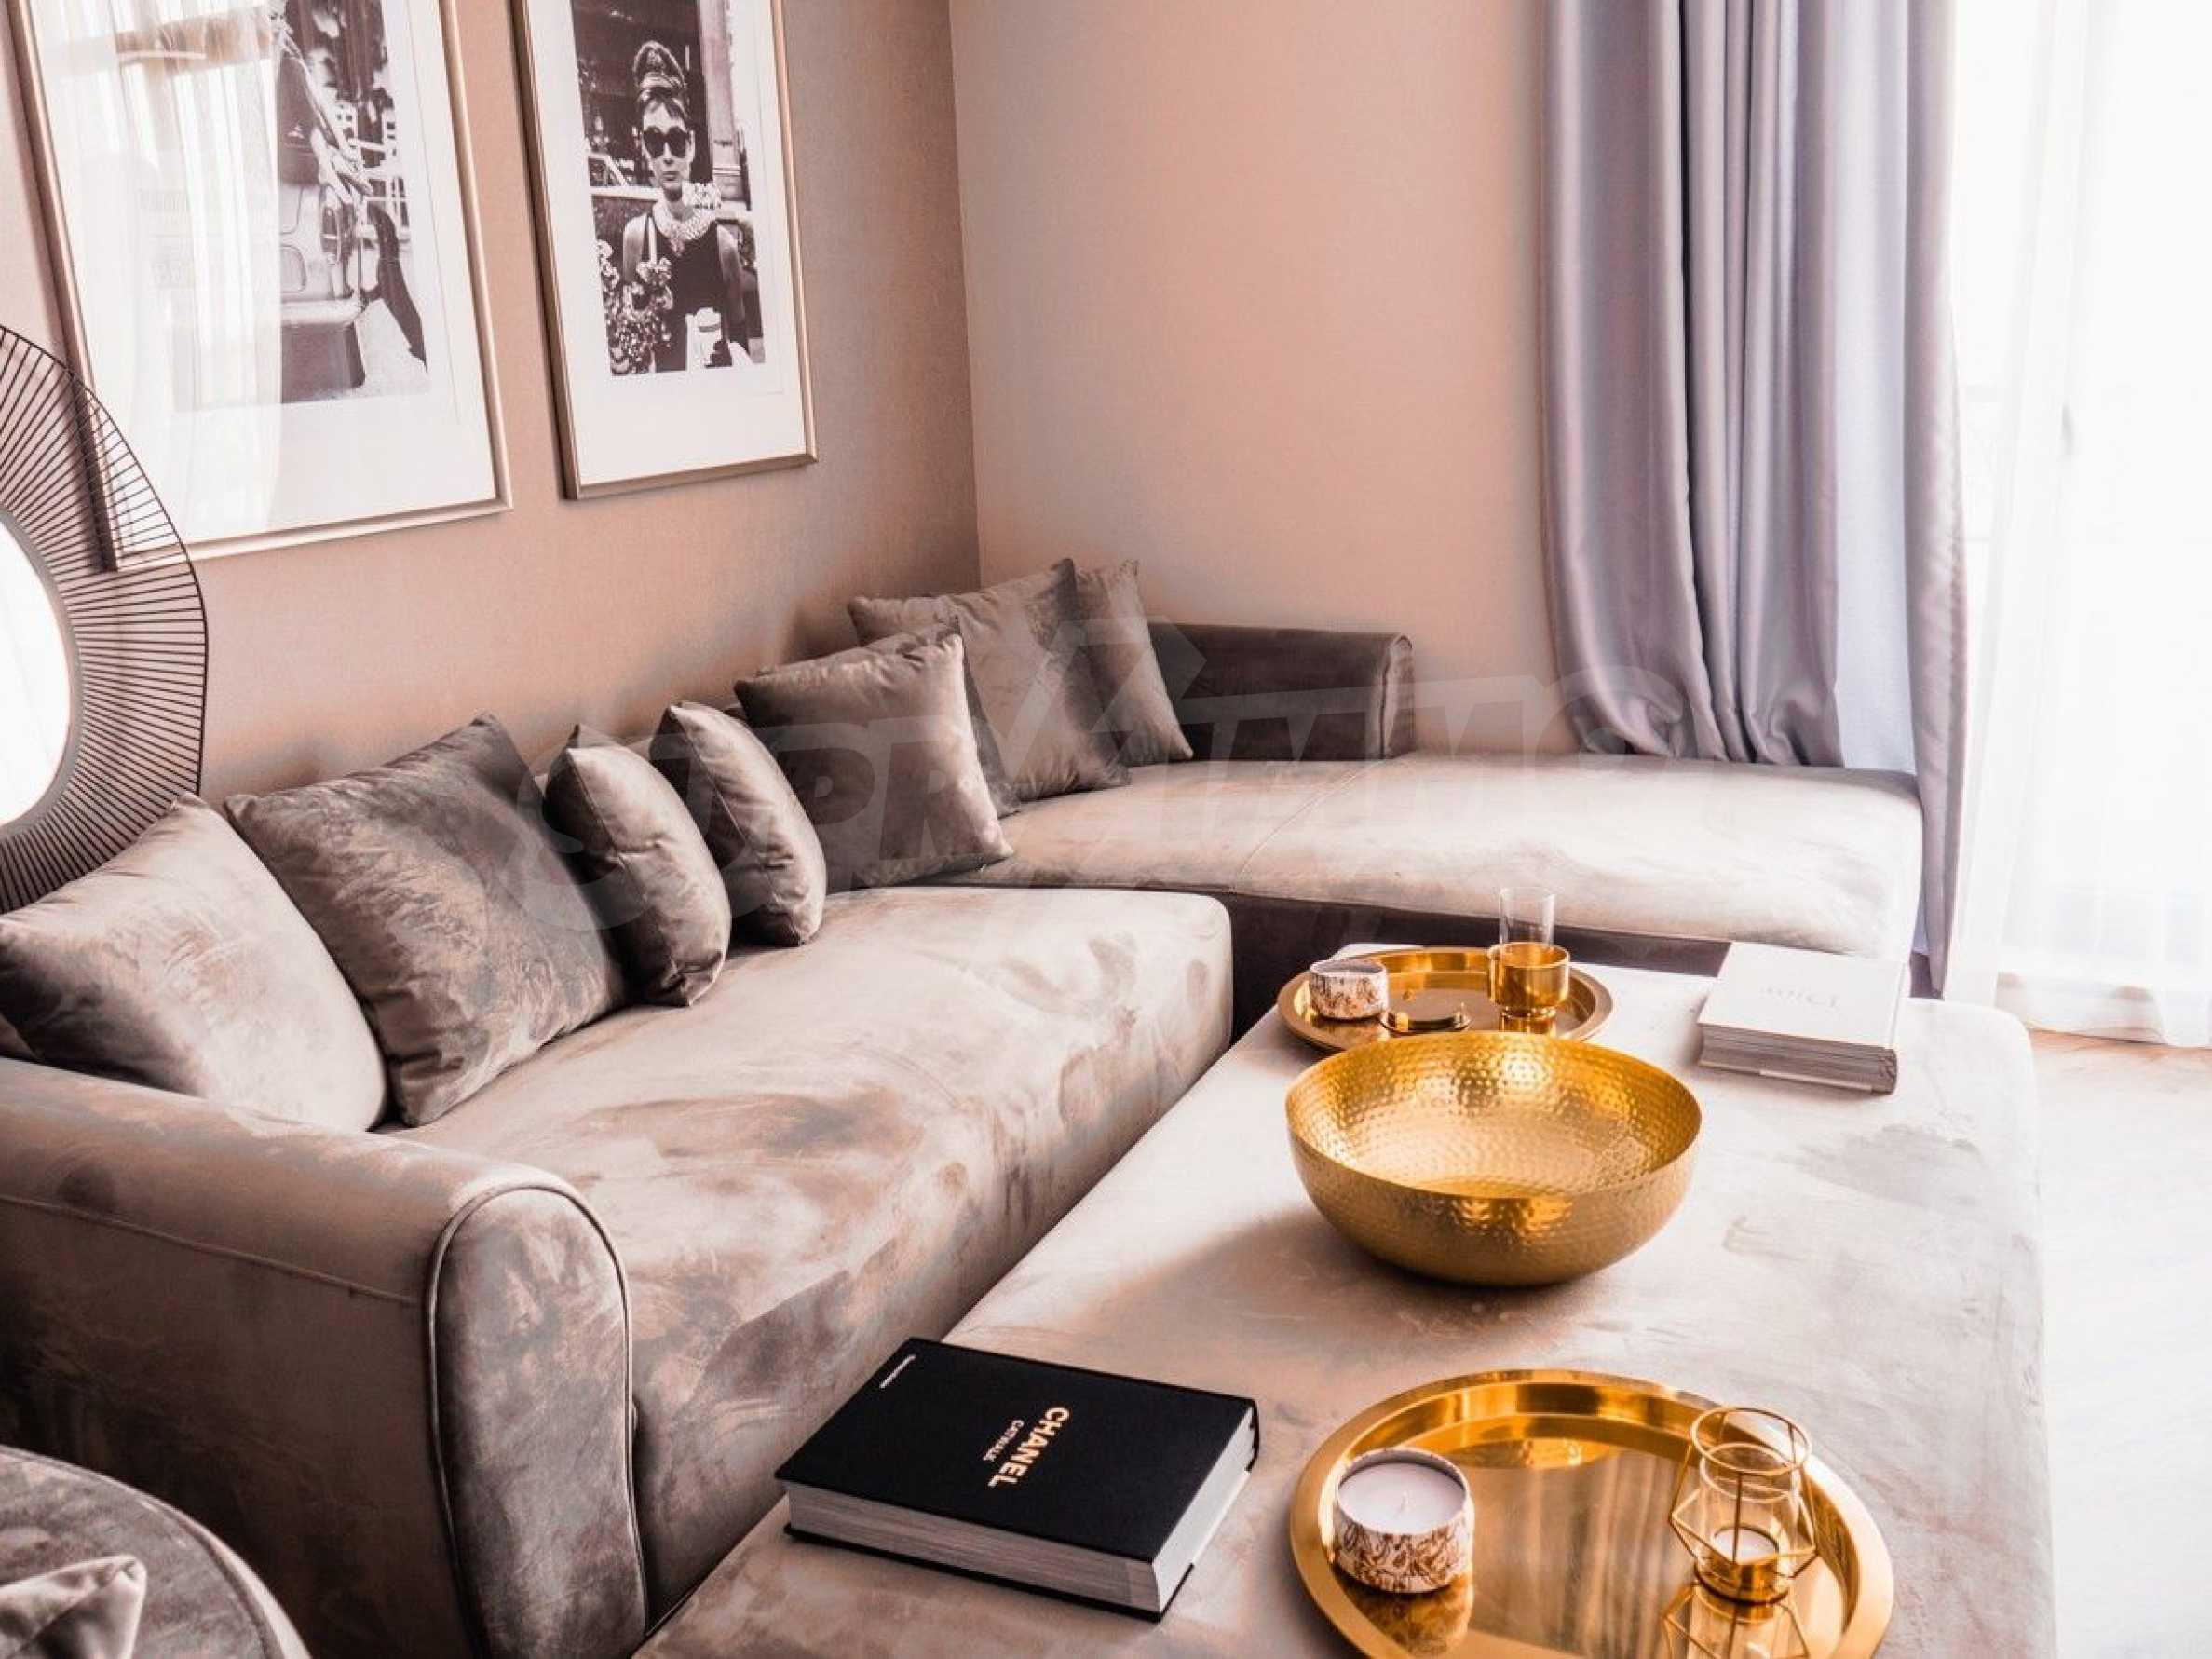 Erstklassige Apartments  zum TOP-Preis ab 890 €/m² im Komplex im Stil der französischen Renaissance (Akt 16) 42